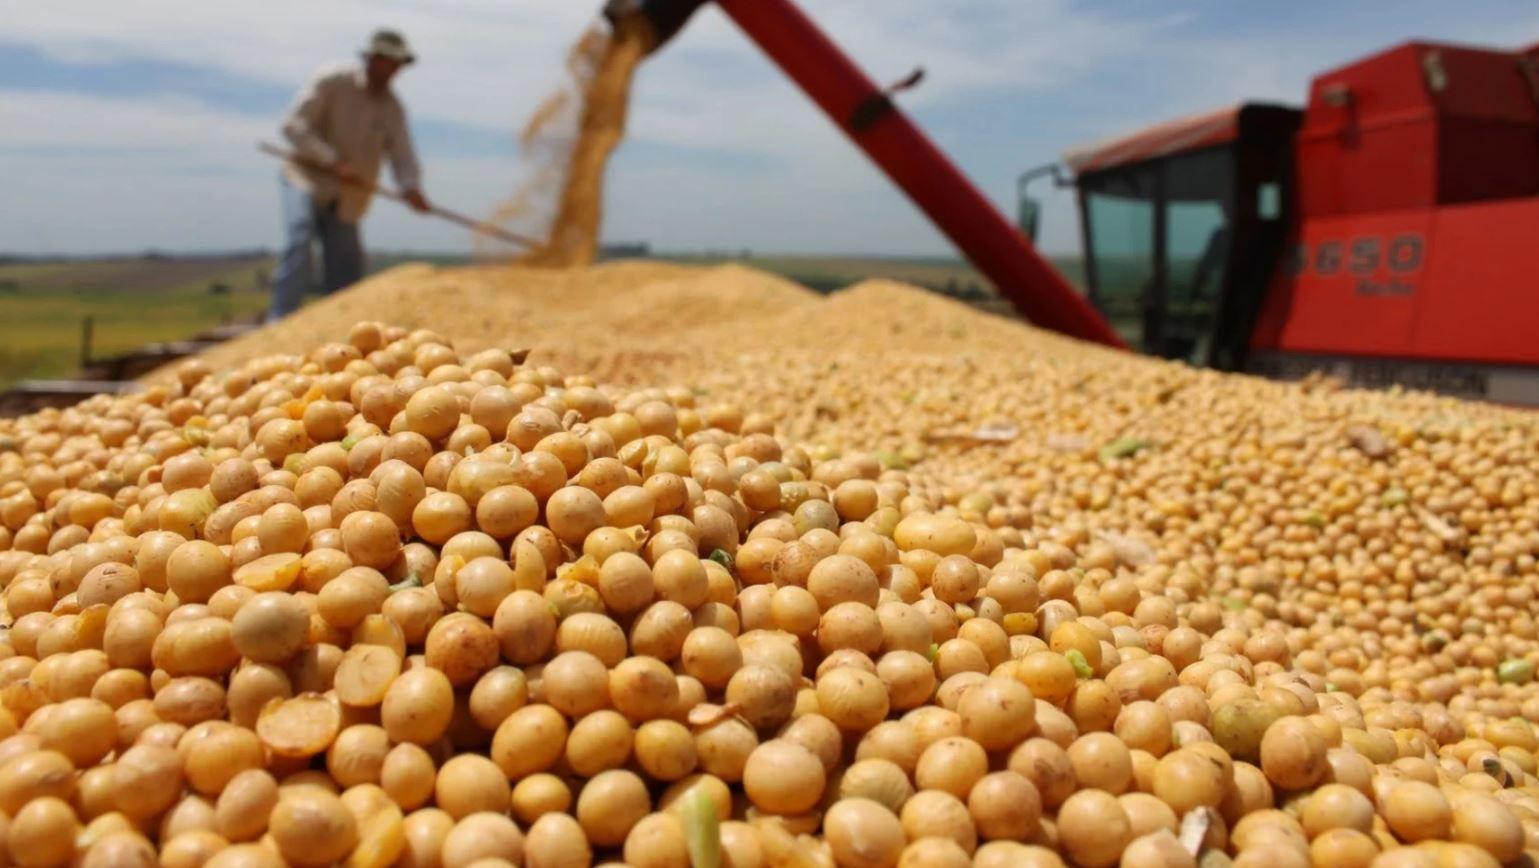 La suba de la soja y el maíz podrían generar US$ 10.000 millones extra en exportaciones